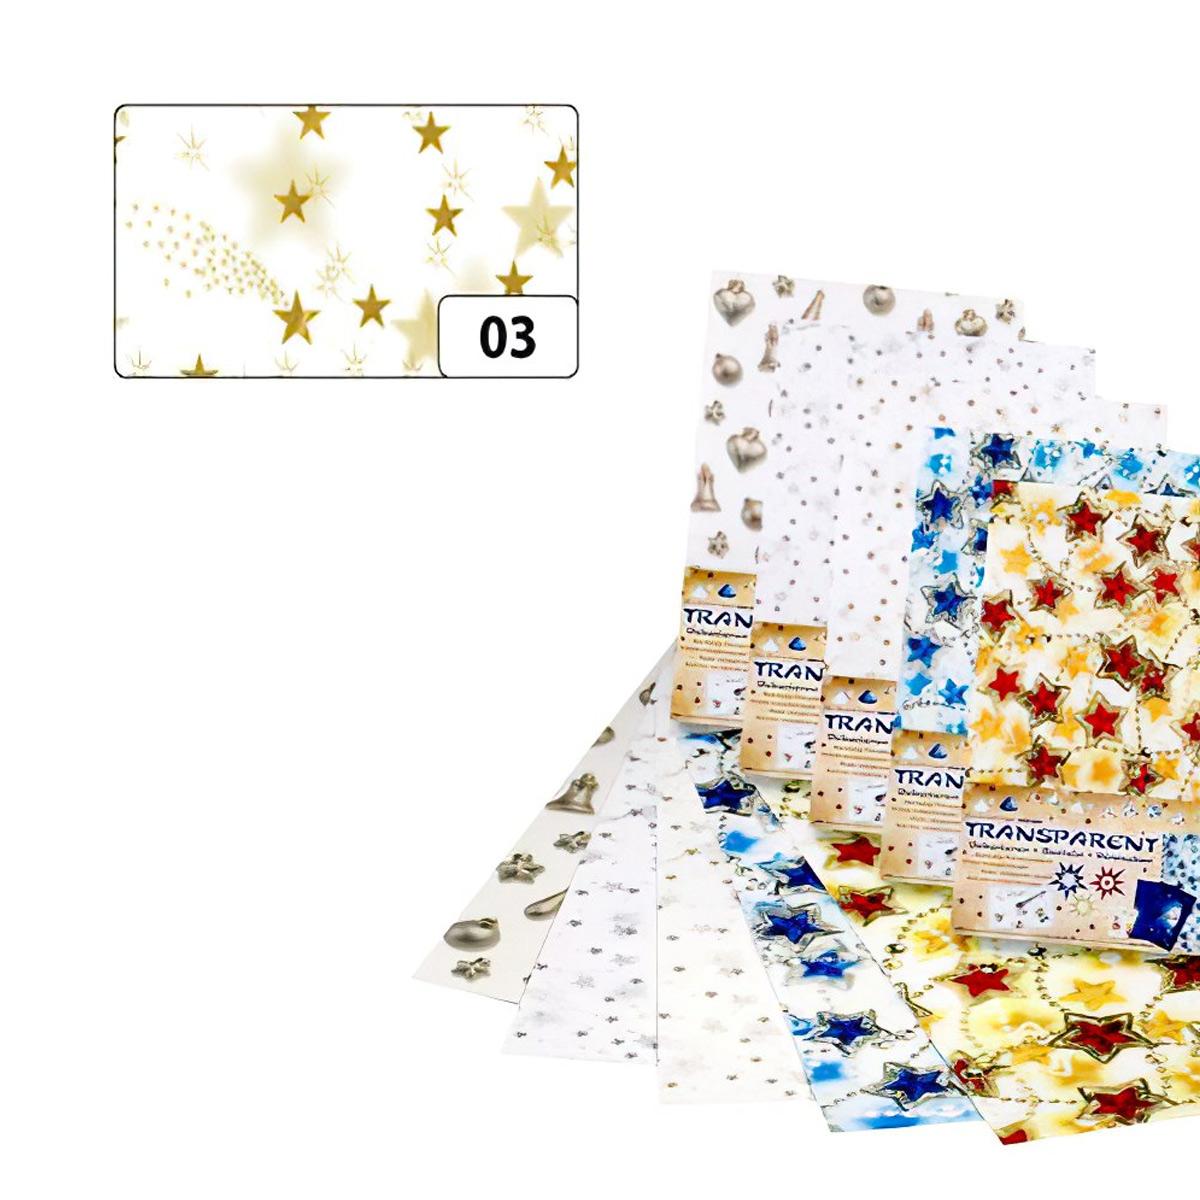 88103 Транспарентная бумага 'Звезды', золото, 115 г/м², 50,5*70 см, Folia